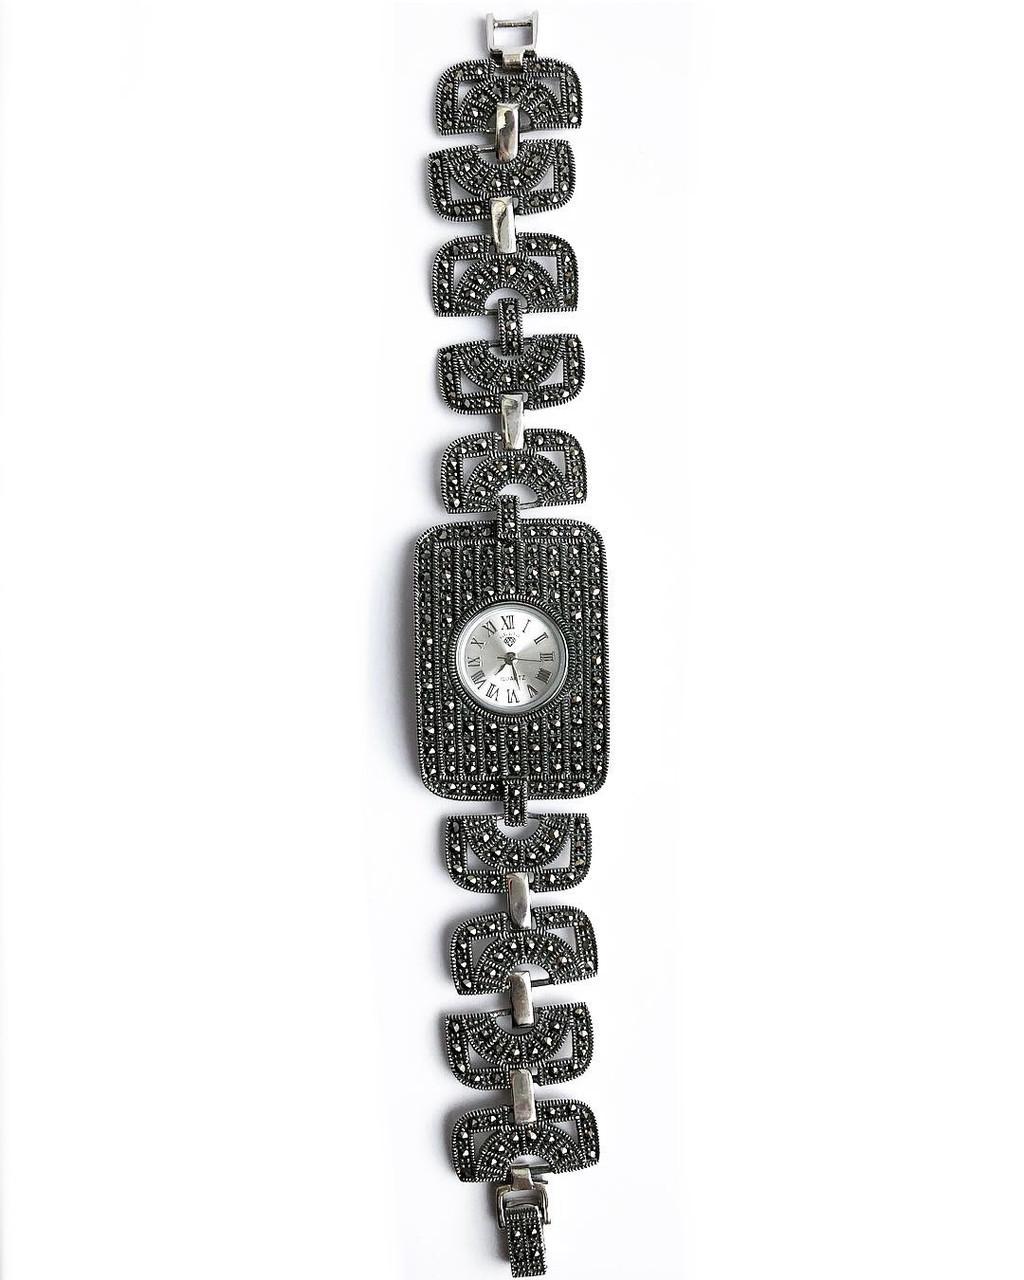 Часы из капельного серебра 925 My Jewels прямоугольные камни маркизы